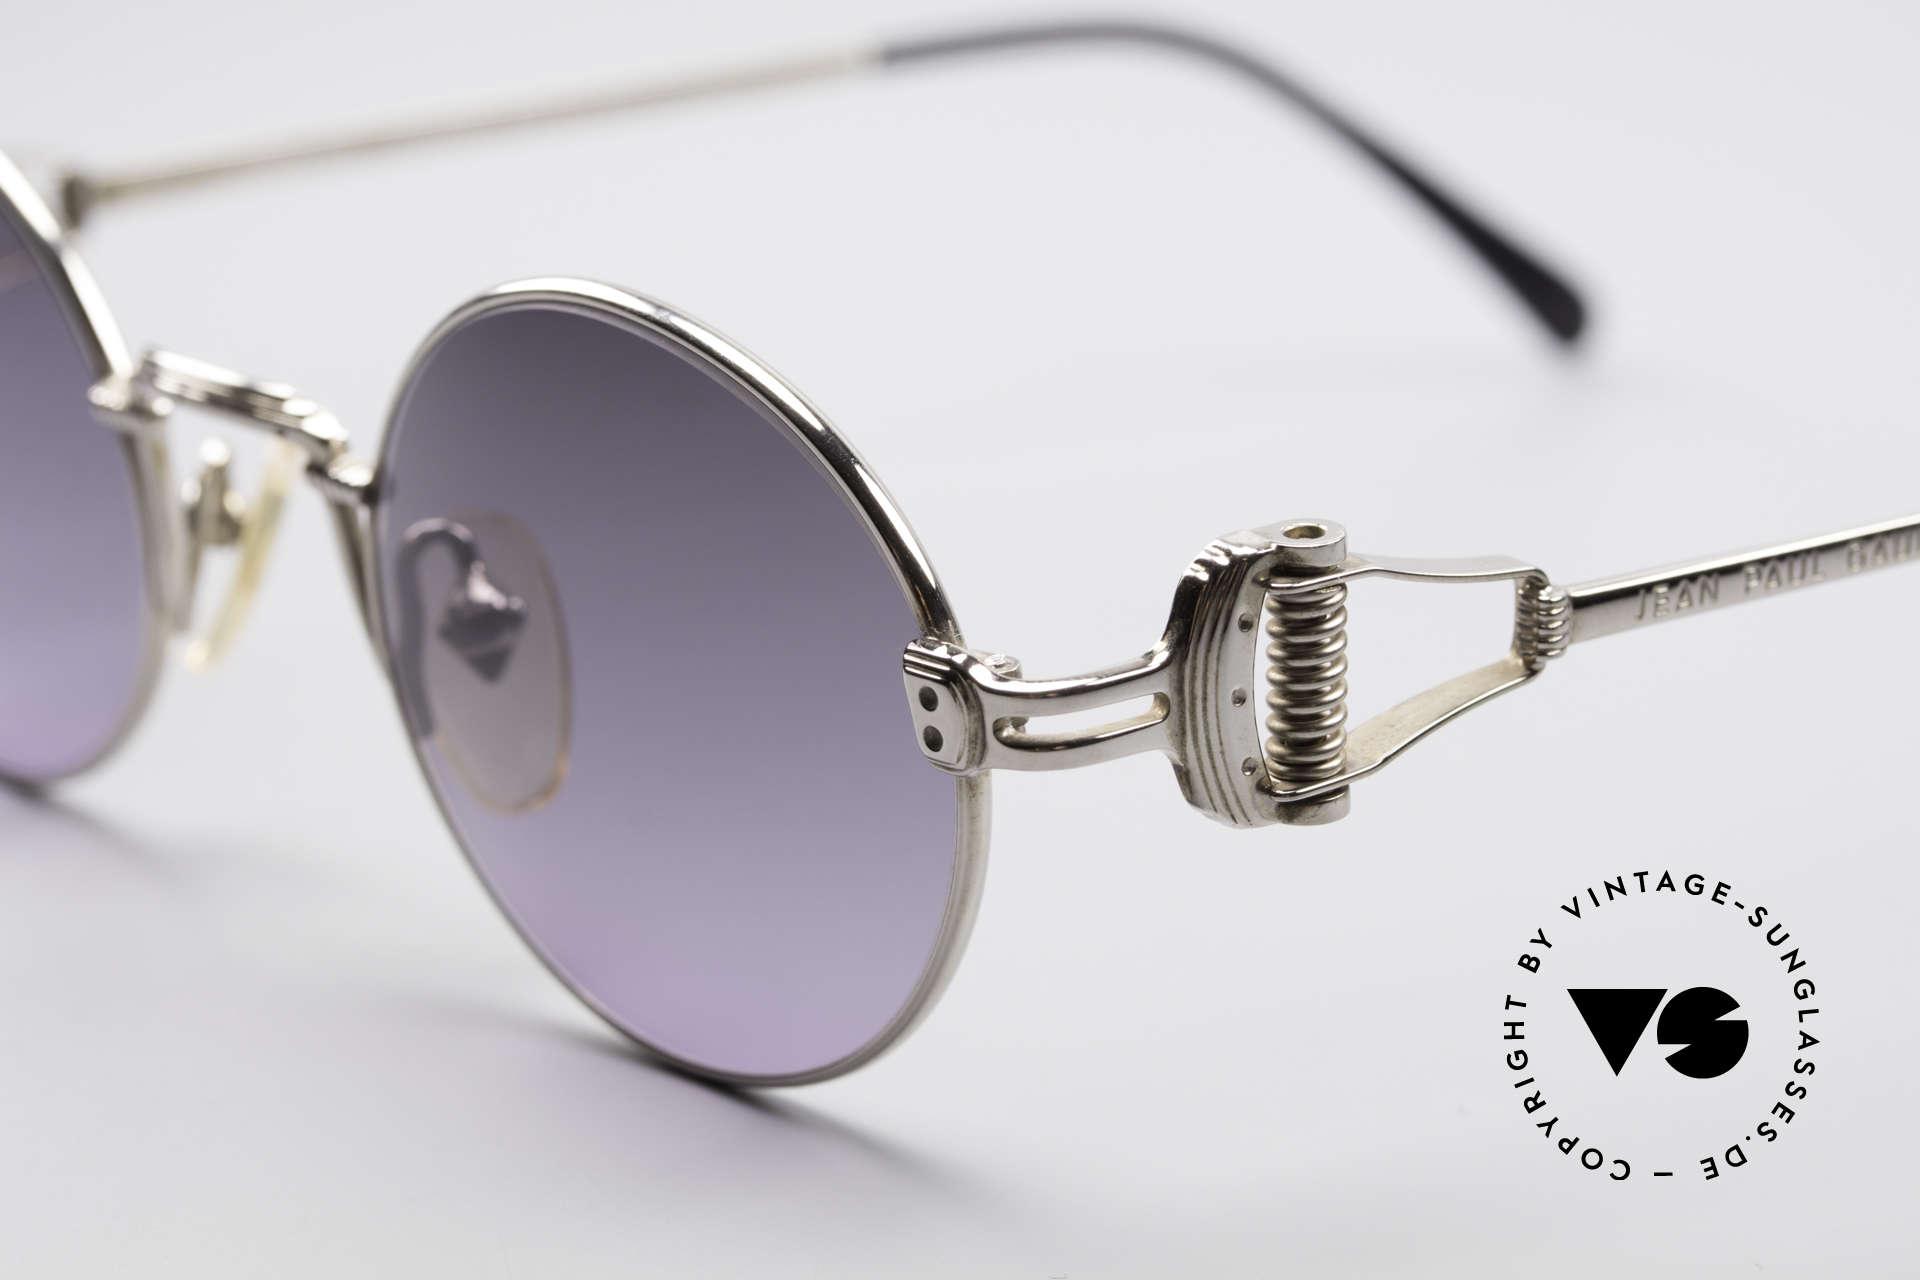 Jean Paul Gaultier 55-5106 Steampunk Sonnenbrille, sehr originelle Sonnengläser (grau-violett verlaufend), Passend für Herren und Damen